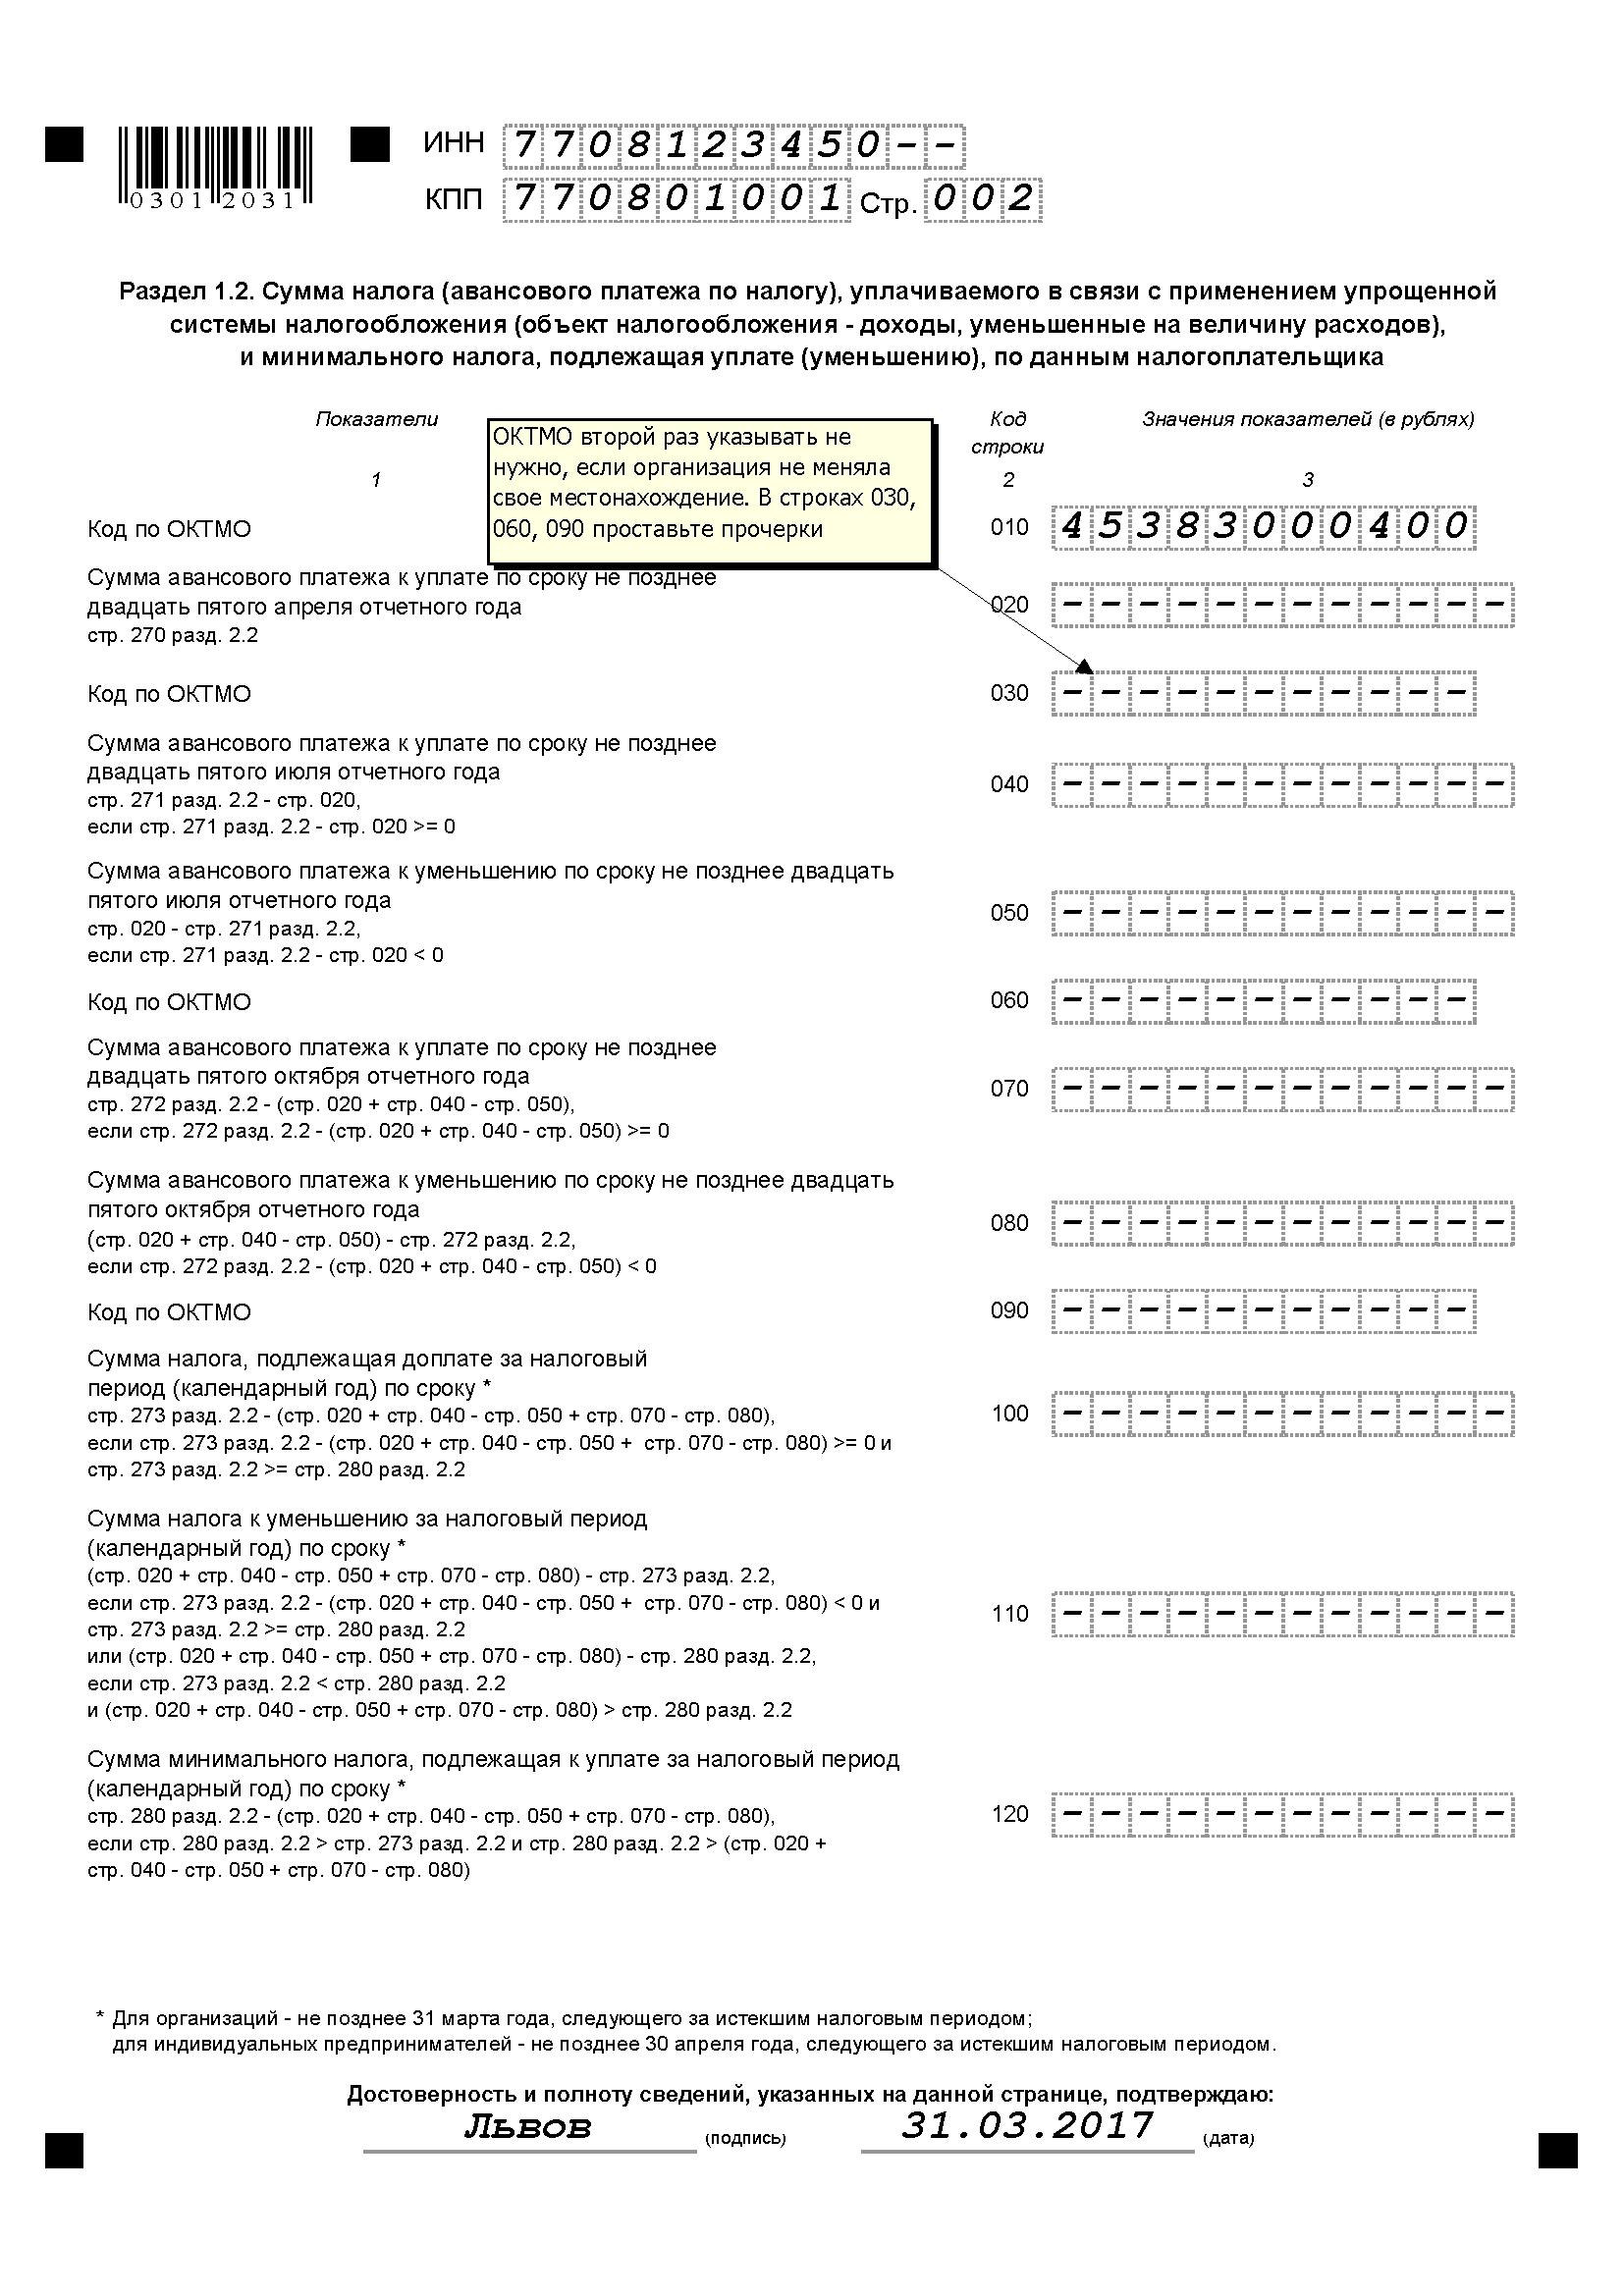 Нулевая отчетность для усн в электронном виде регистрация ооо сроки и стоимость